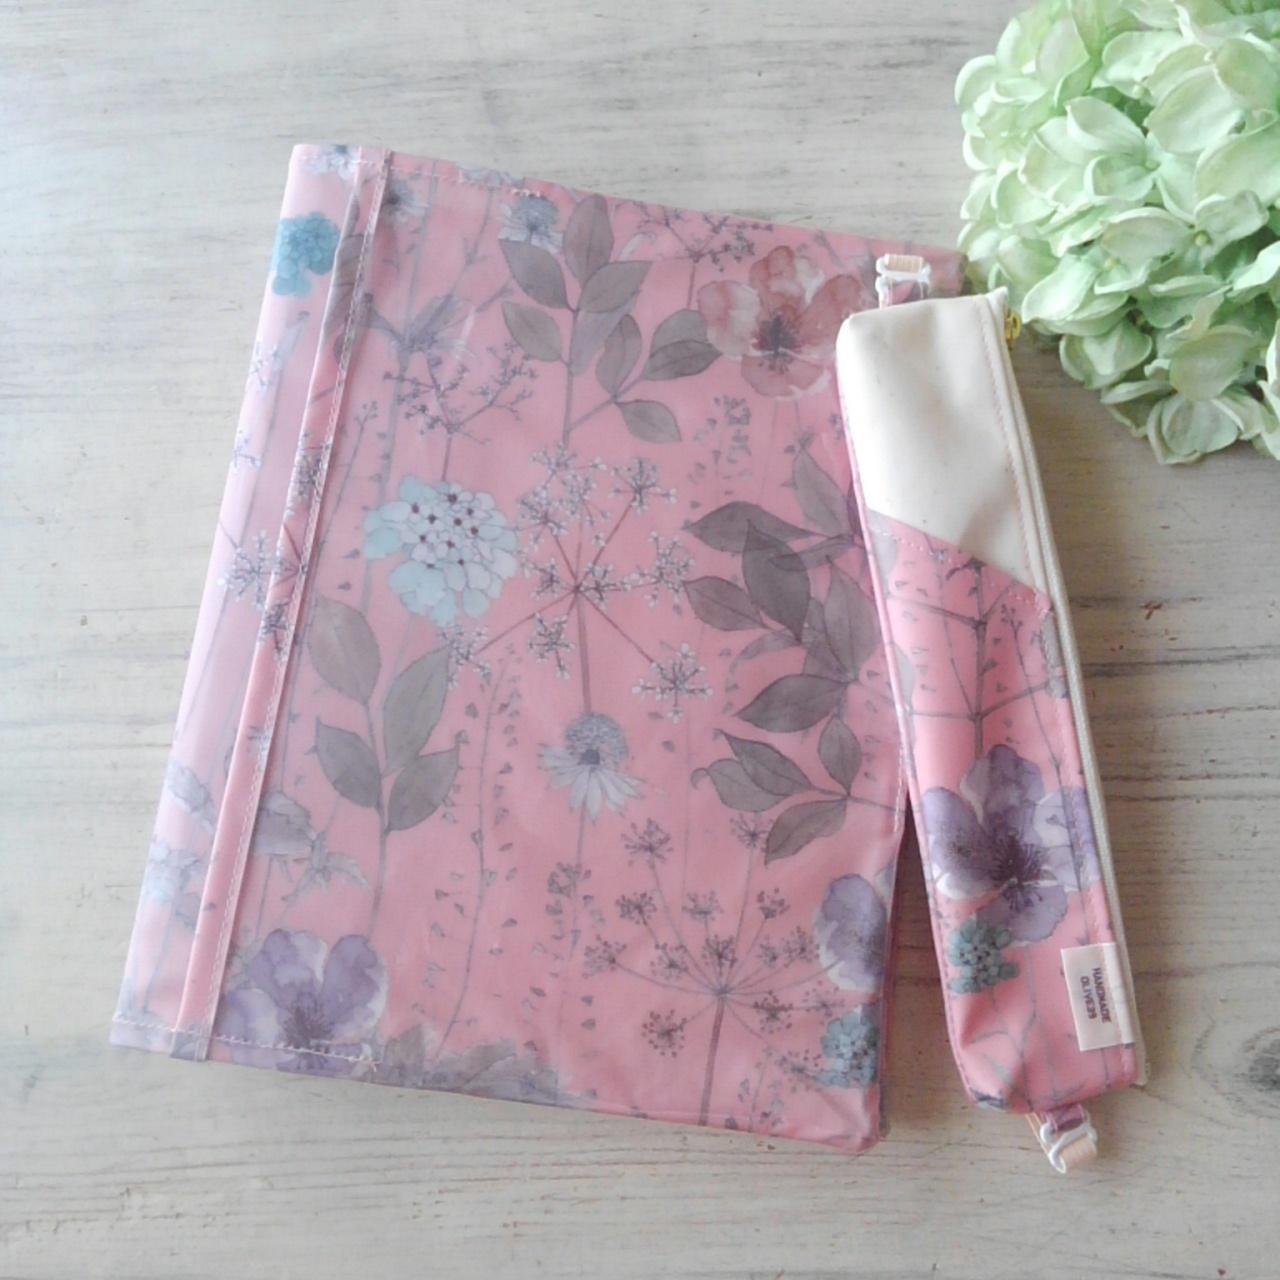 【販売終了】イルマ ピンク*リバティ手帳カバー・ぺンケースセット*ナカバヤシサイズ